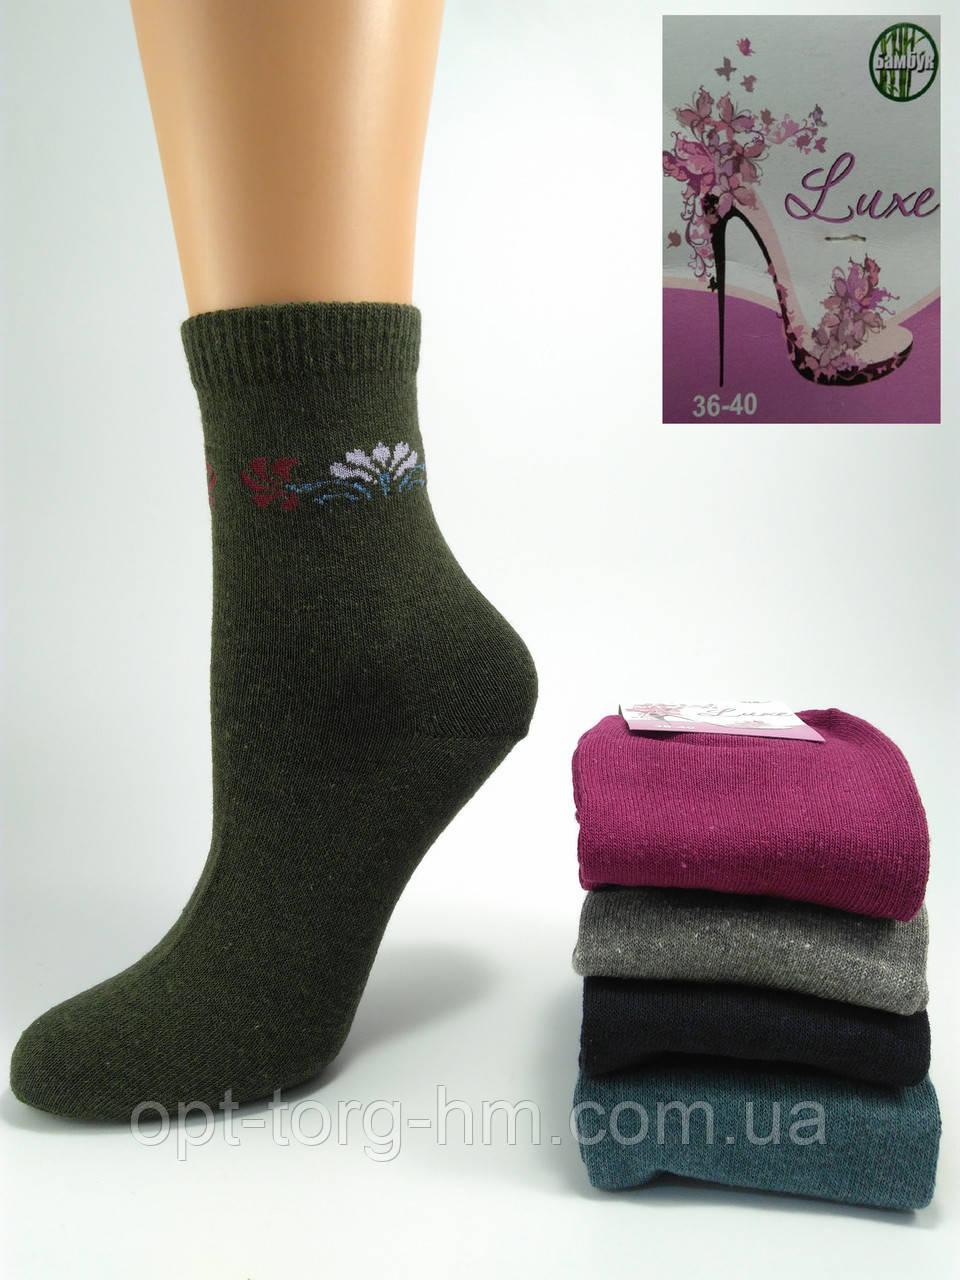 """Женские носки Luxe """"Веер"""""""